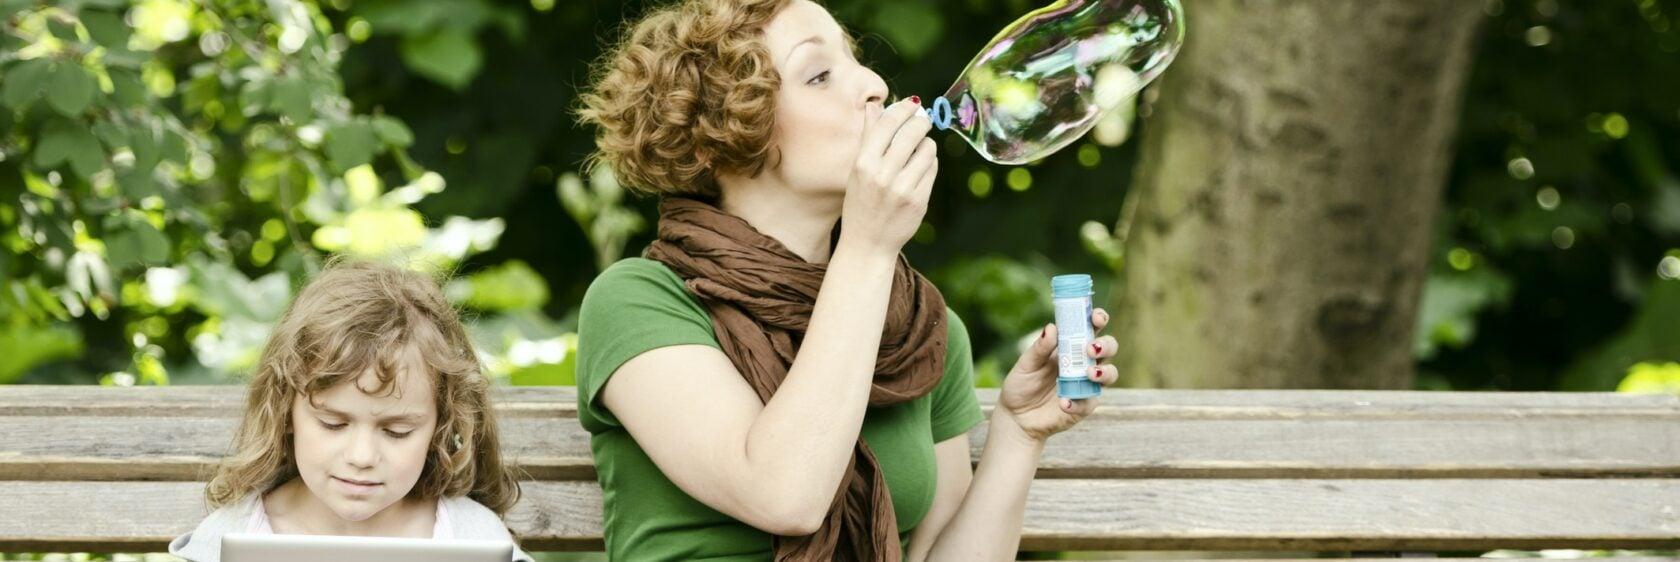 Frau mit Kind auf Parkbank Seifenblasen